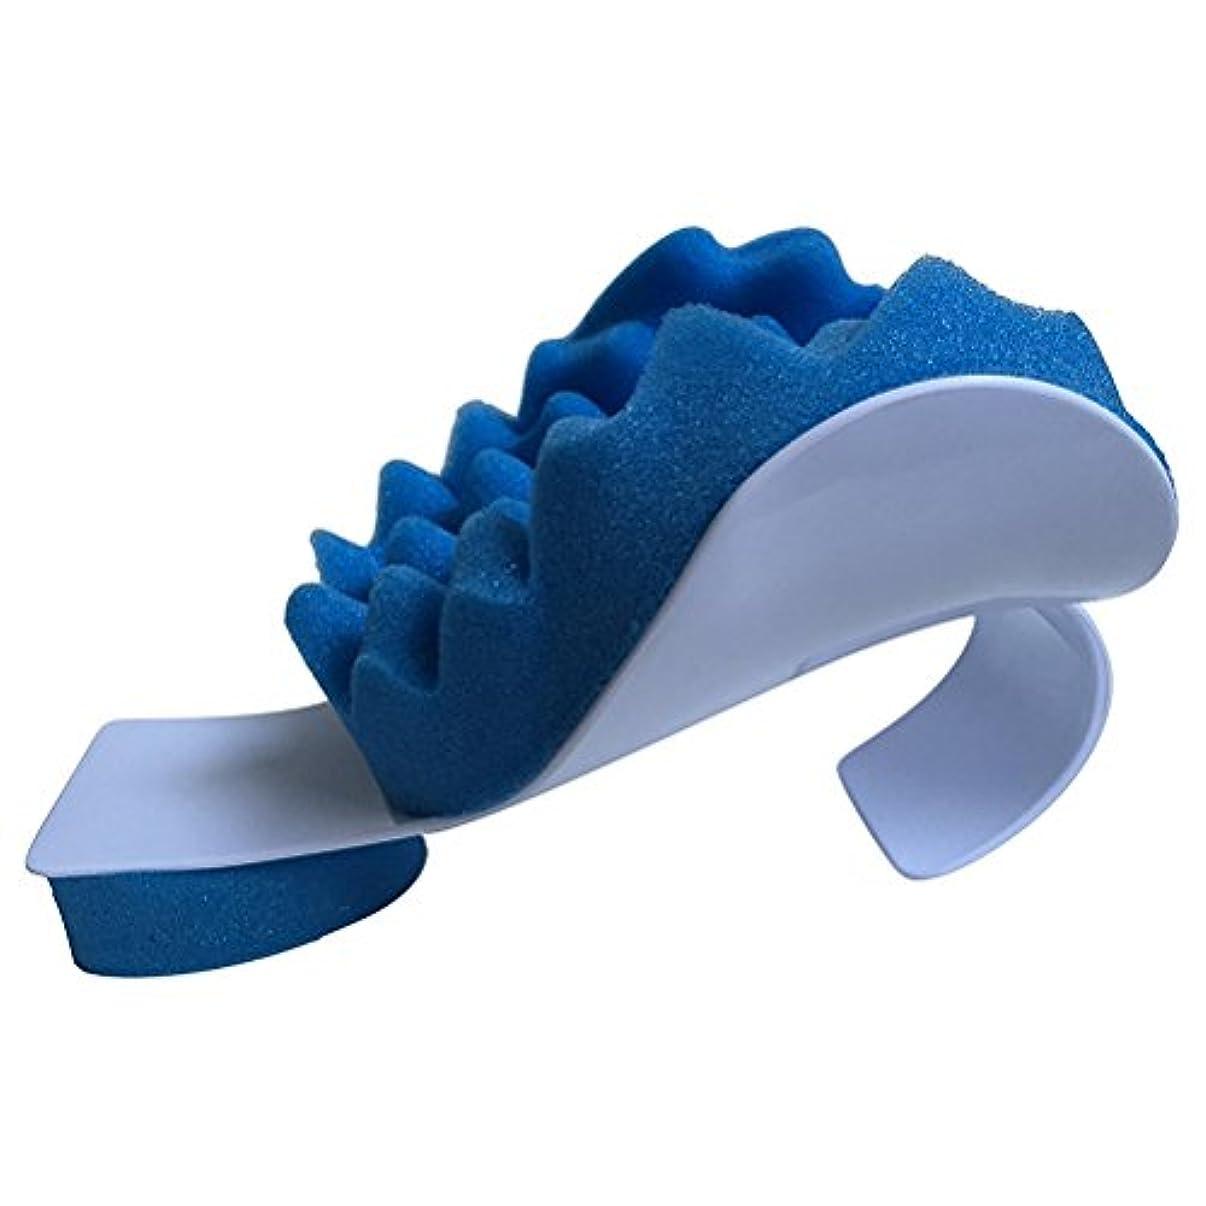 コテージ制裁フレームワークROSENICE マッサージ枕ネック痛みリリーフとショルダーリラクサーマッサージトラクションピロー(ブルー)